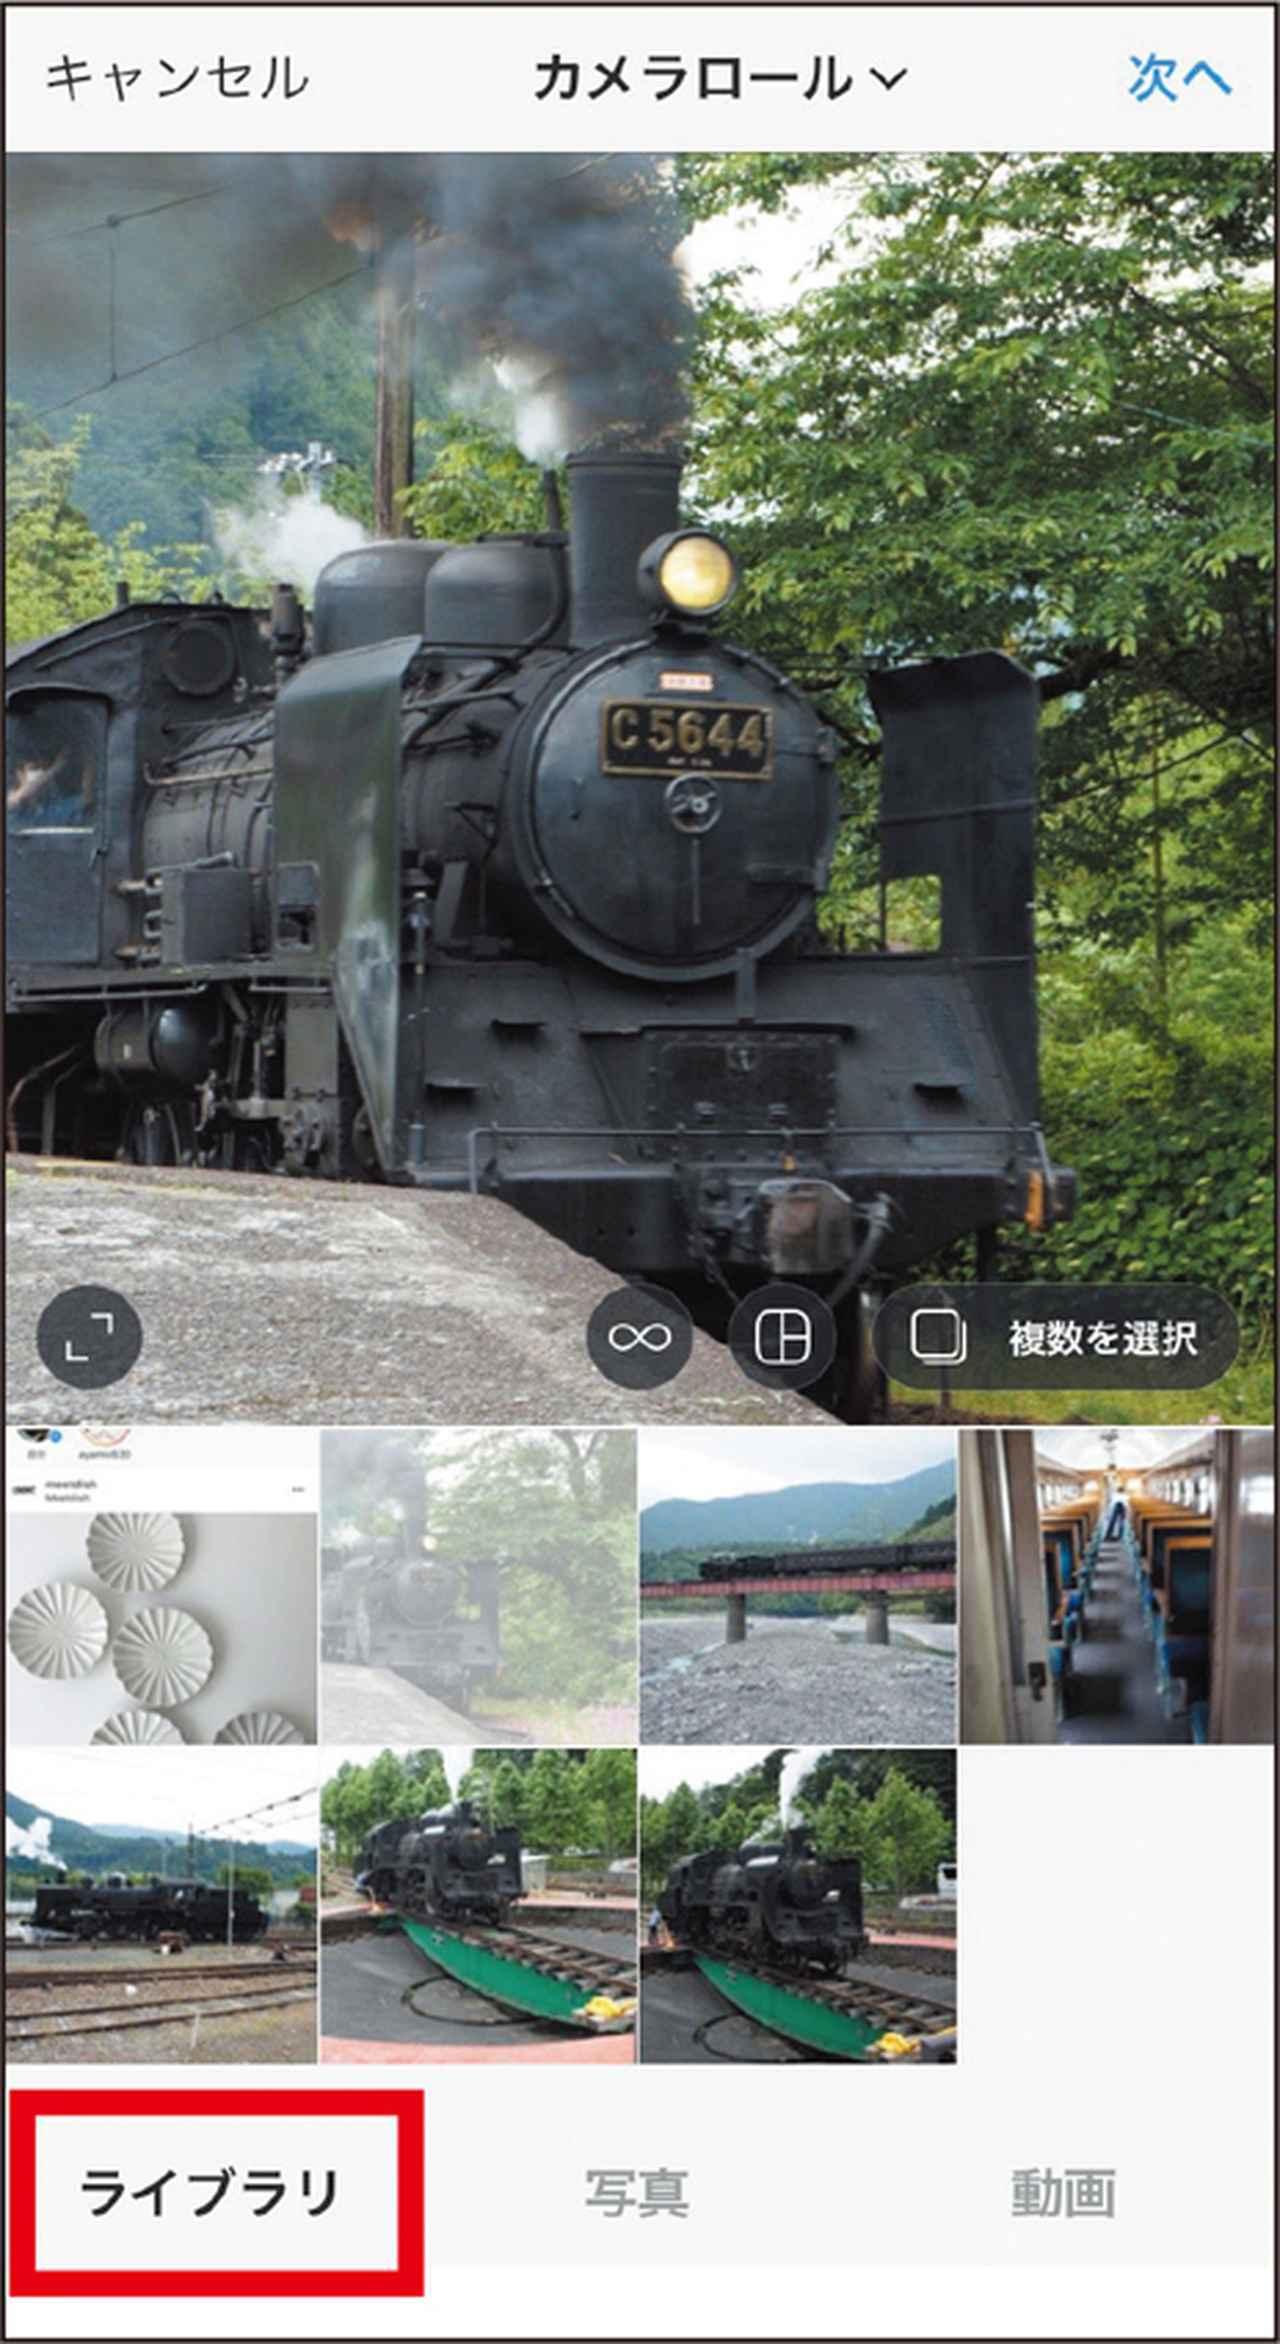 画像: 「ライブラリ」をタップして、投稿したい写真を選択。ピンチアウトでの拡大も可能。